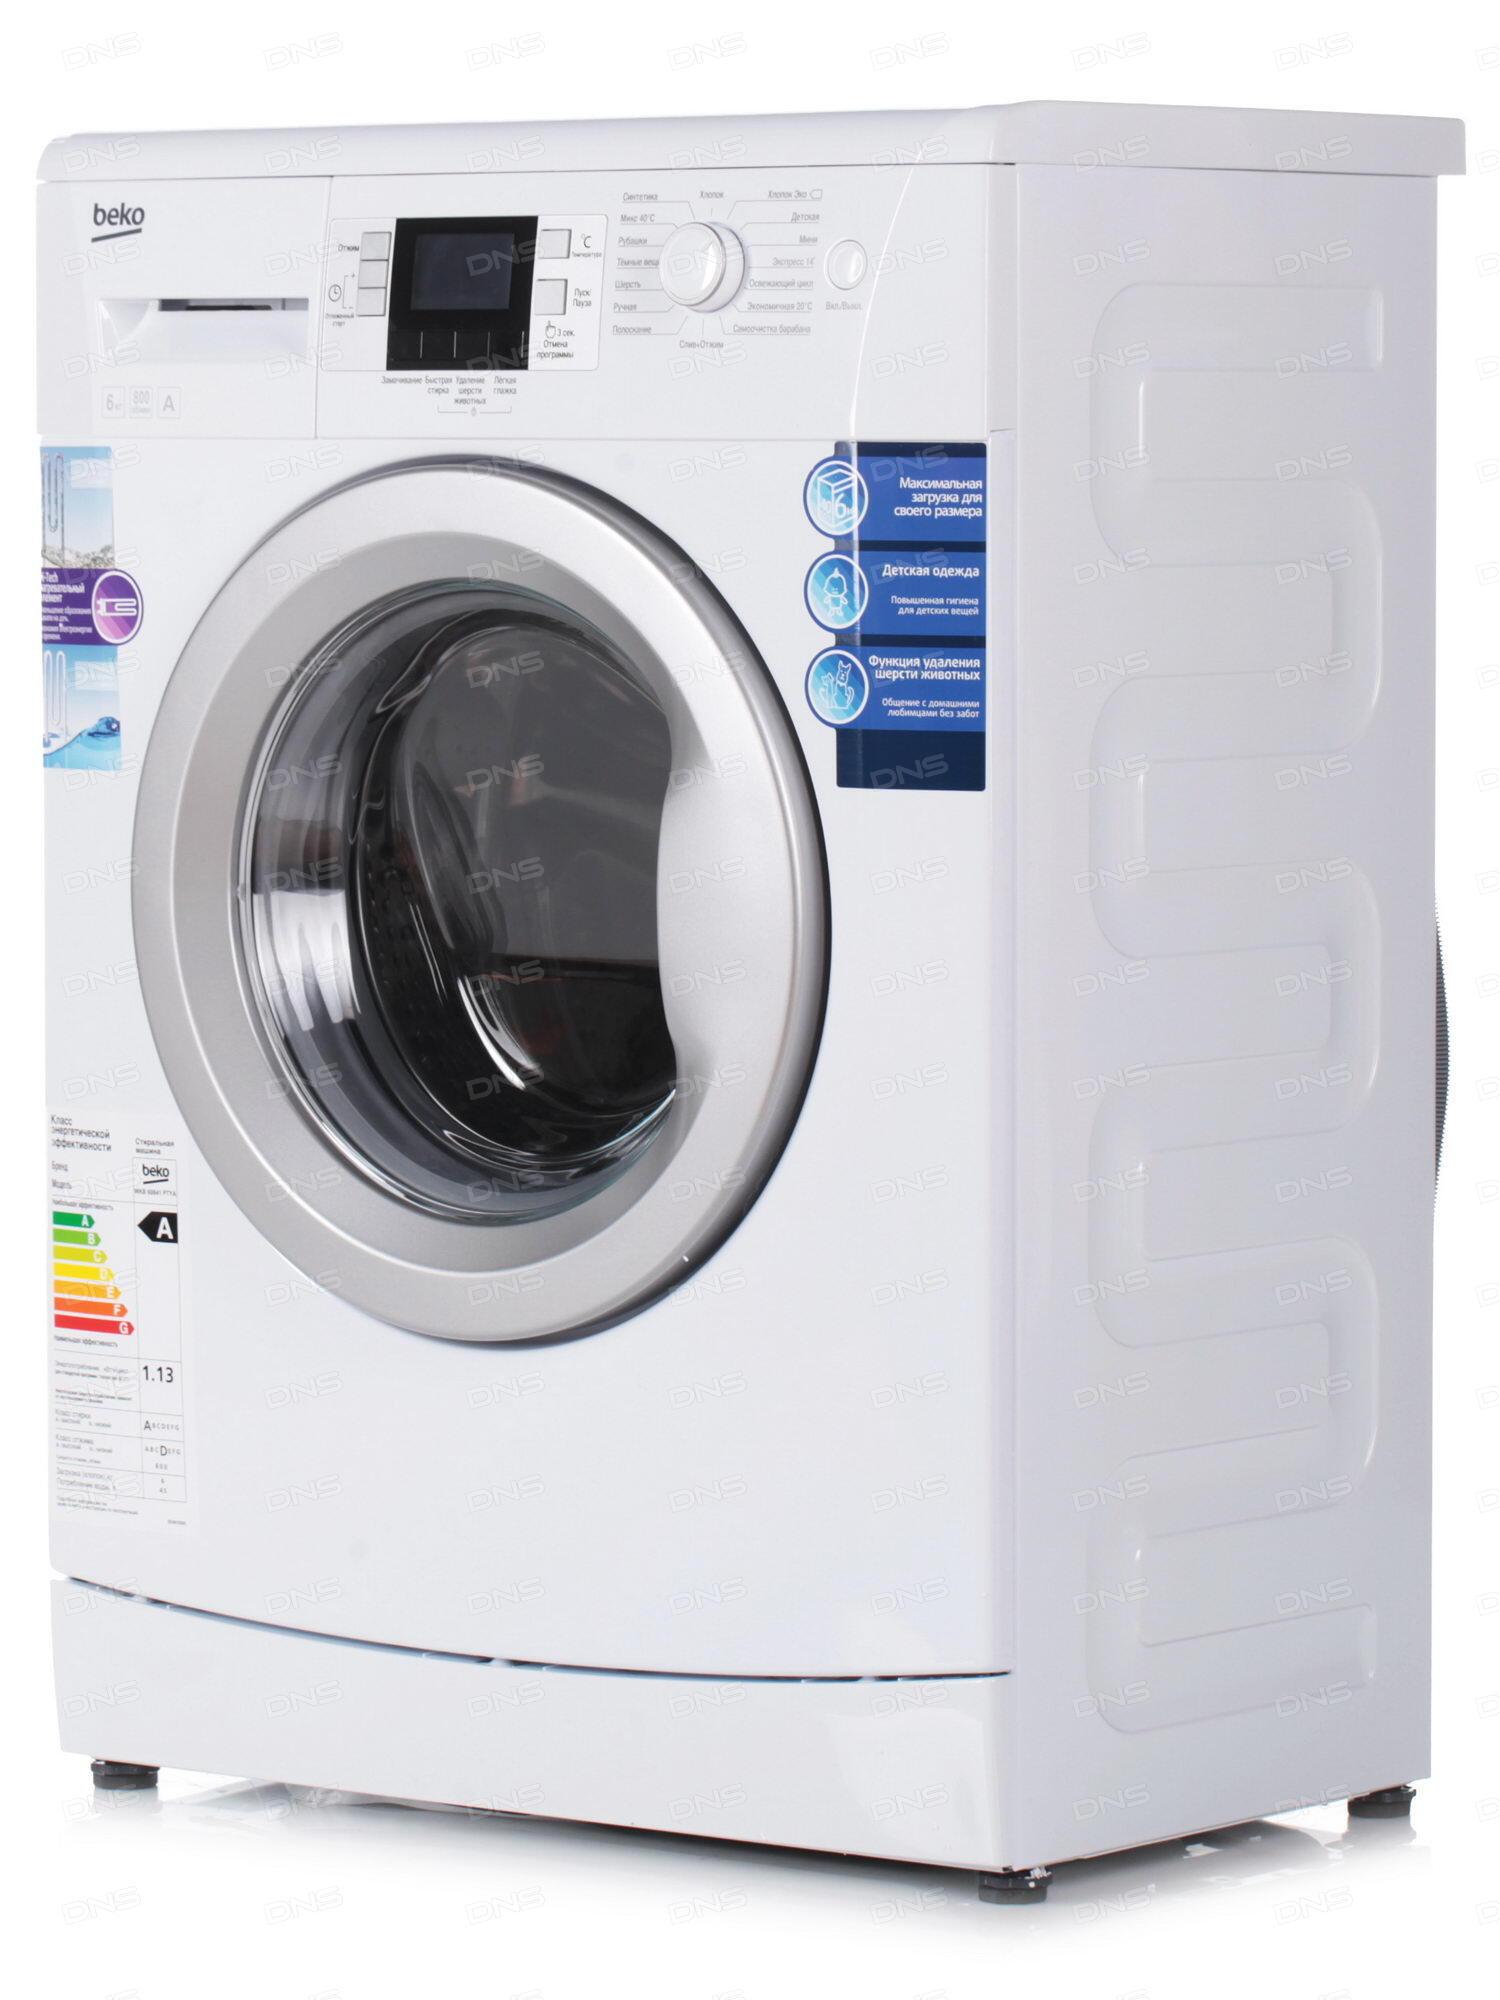 Ремонт стиральных машин бош Новые Черемушки сервисный центр стиральных машин АЕГ Сиреневая улица (город Щербинка)